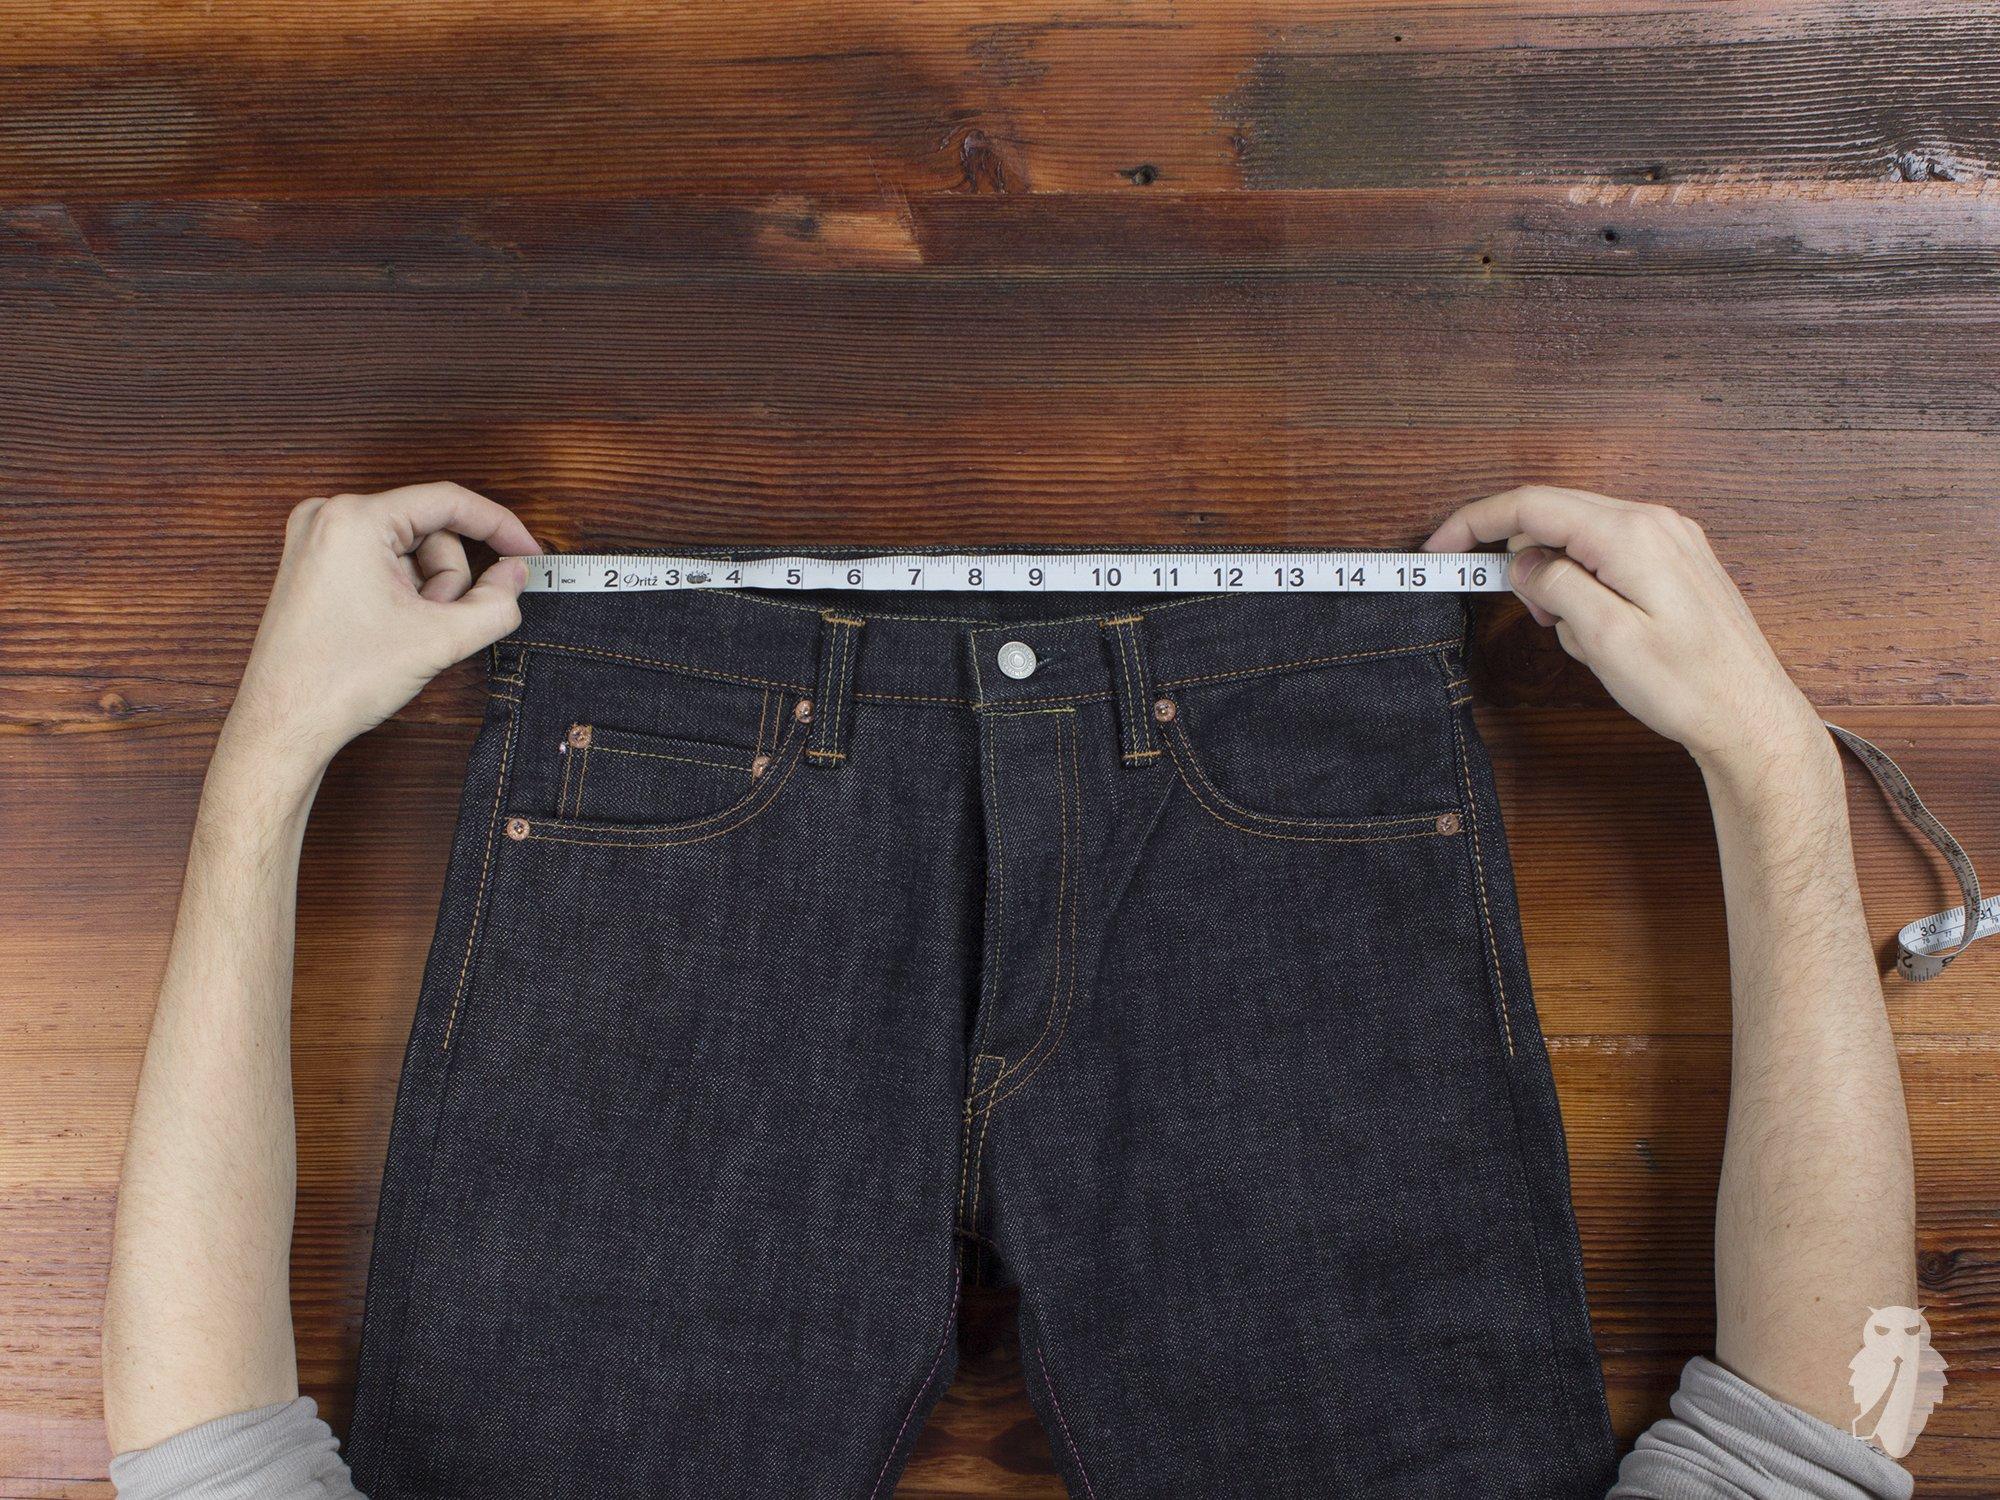 Размер 29 джинсов — это какой русский